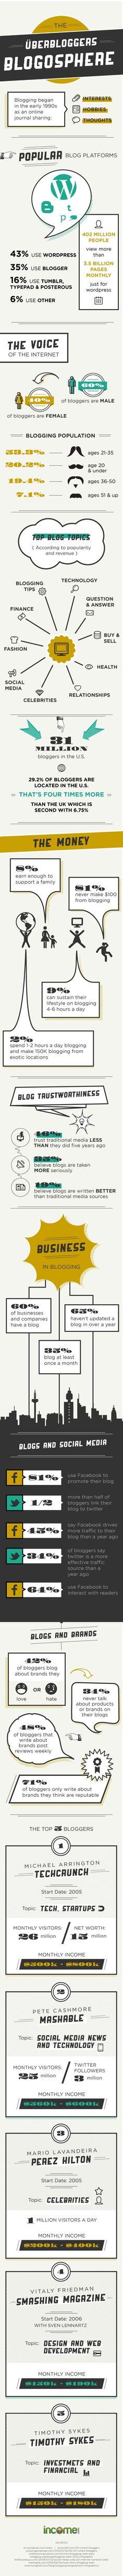 Tout ce que vous avez toujours voulu savoir sur la blogosphère en une infographie